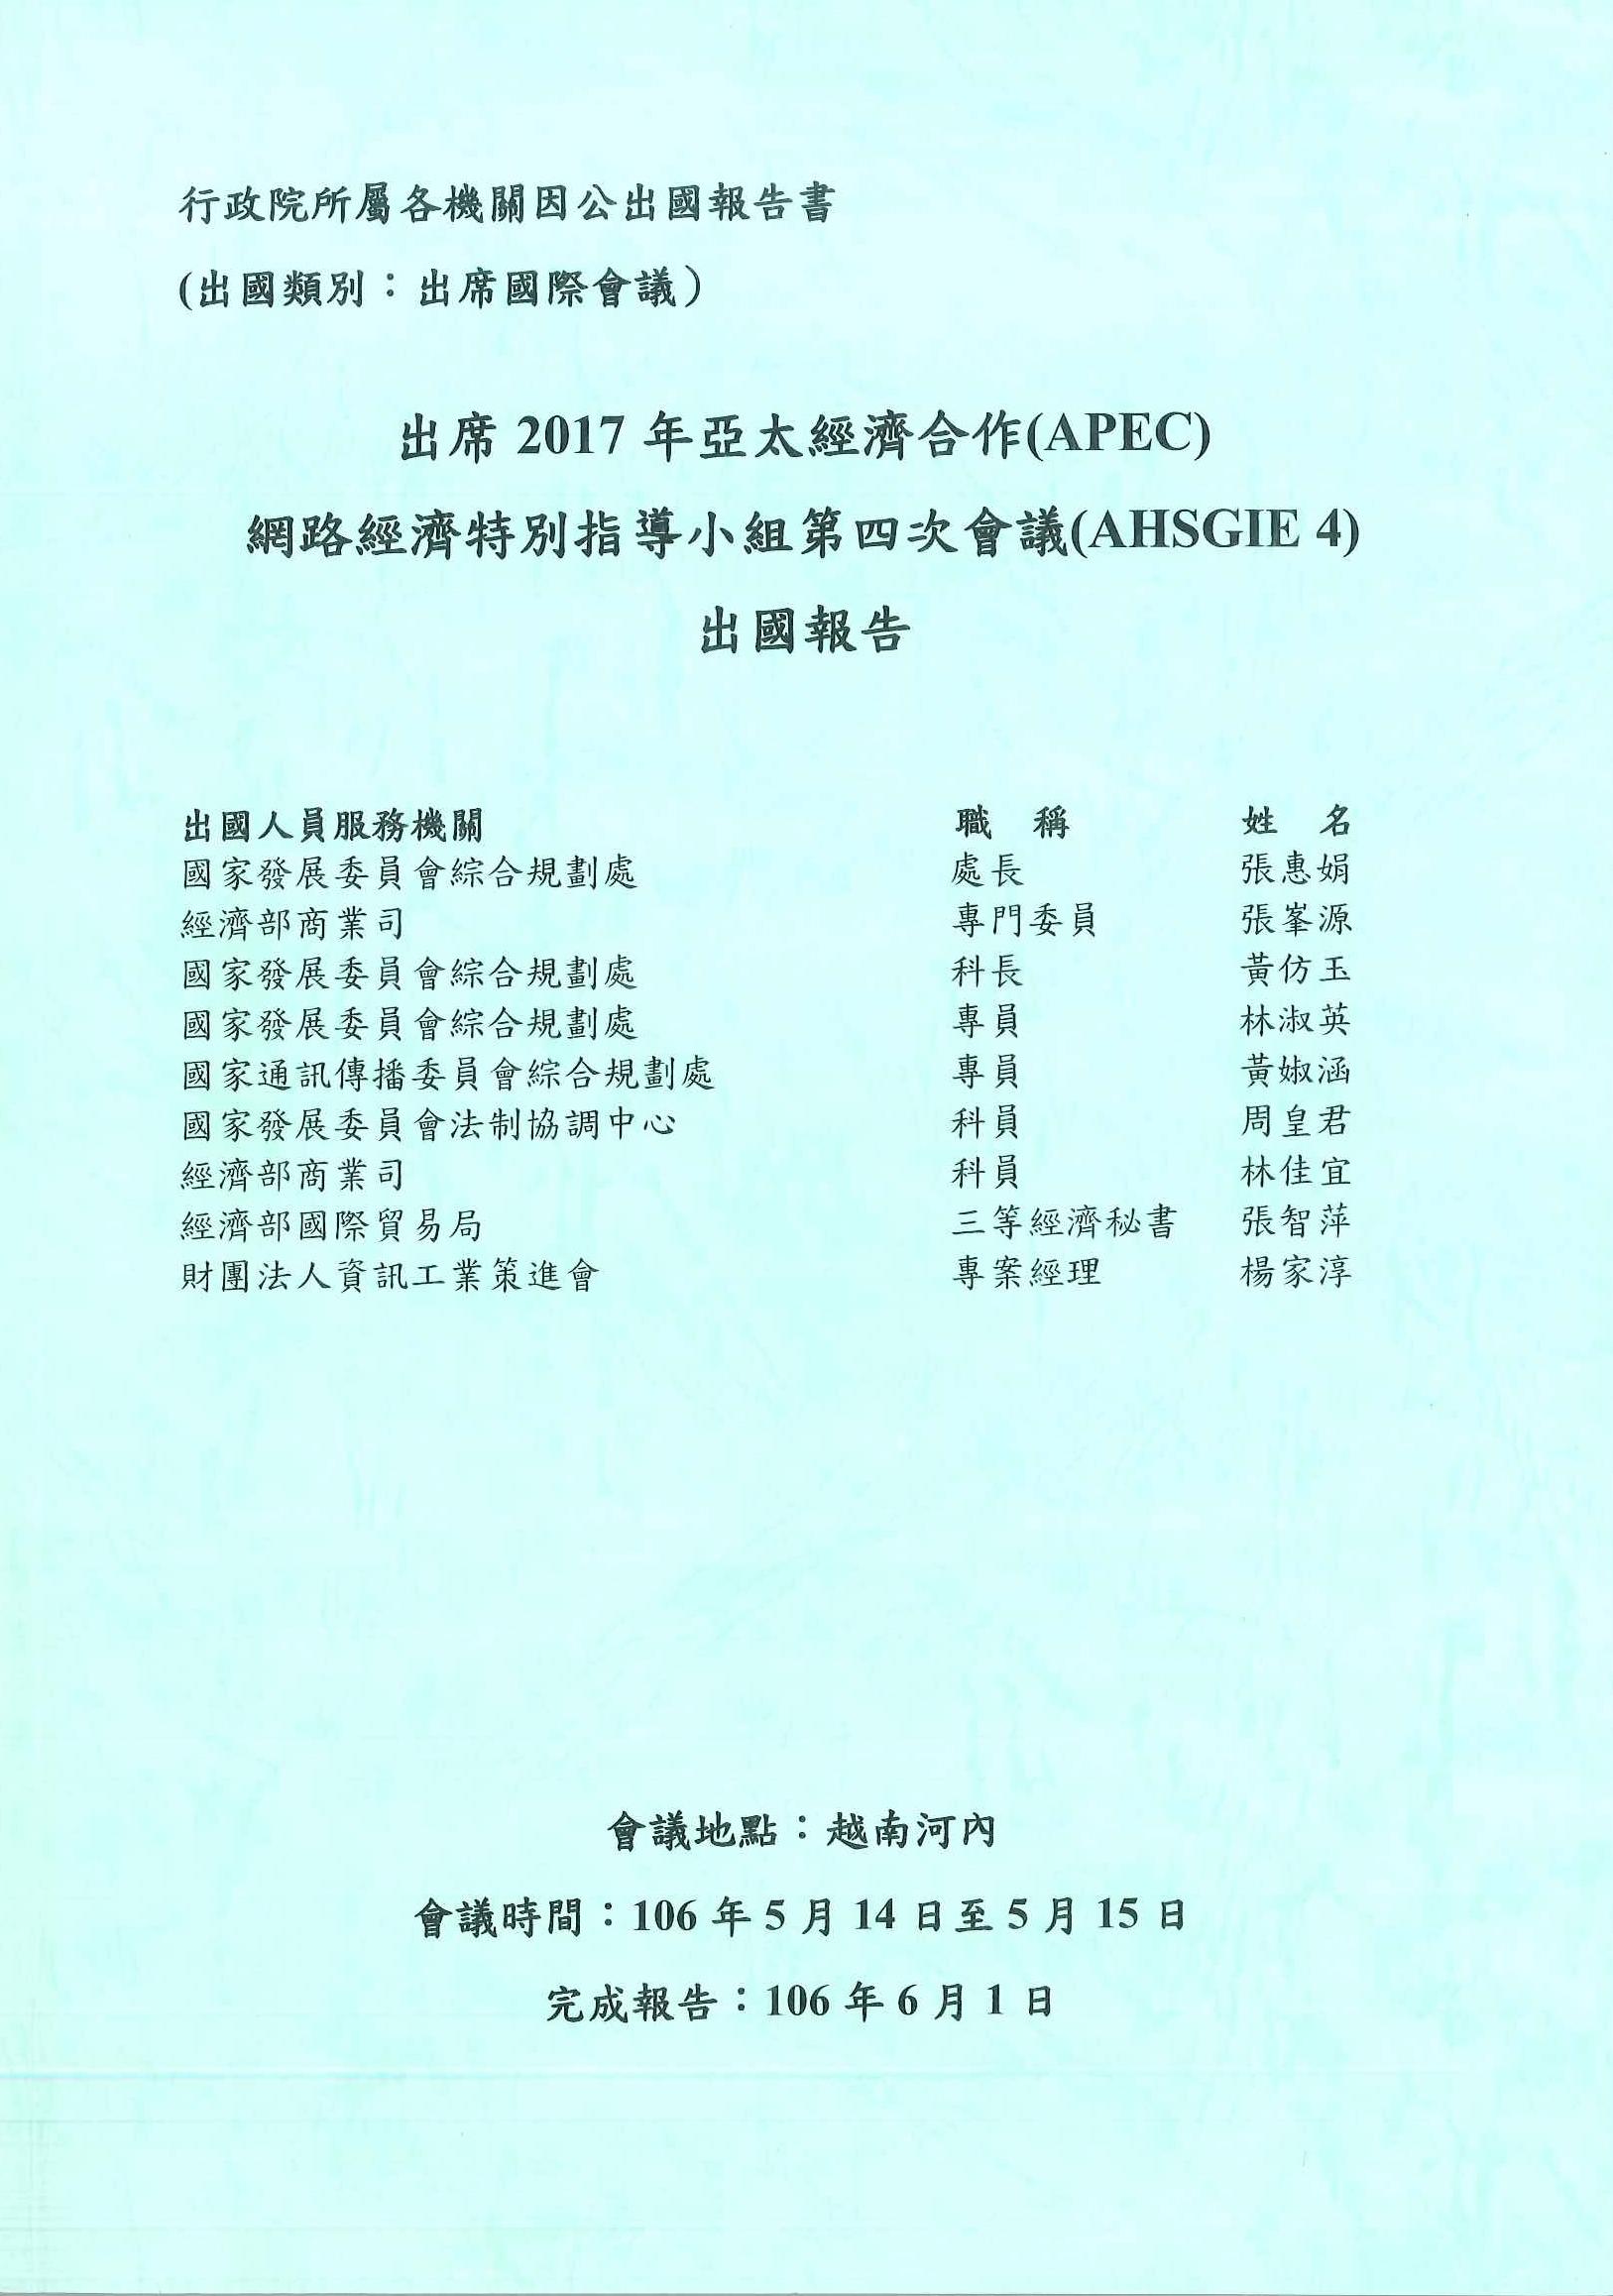 出席2017年亞太經濟合作(APEC)網路經濟特別指導小組第四次會議(AHSGIE4)出國報告